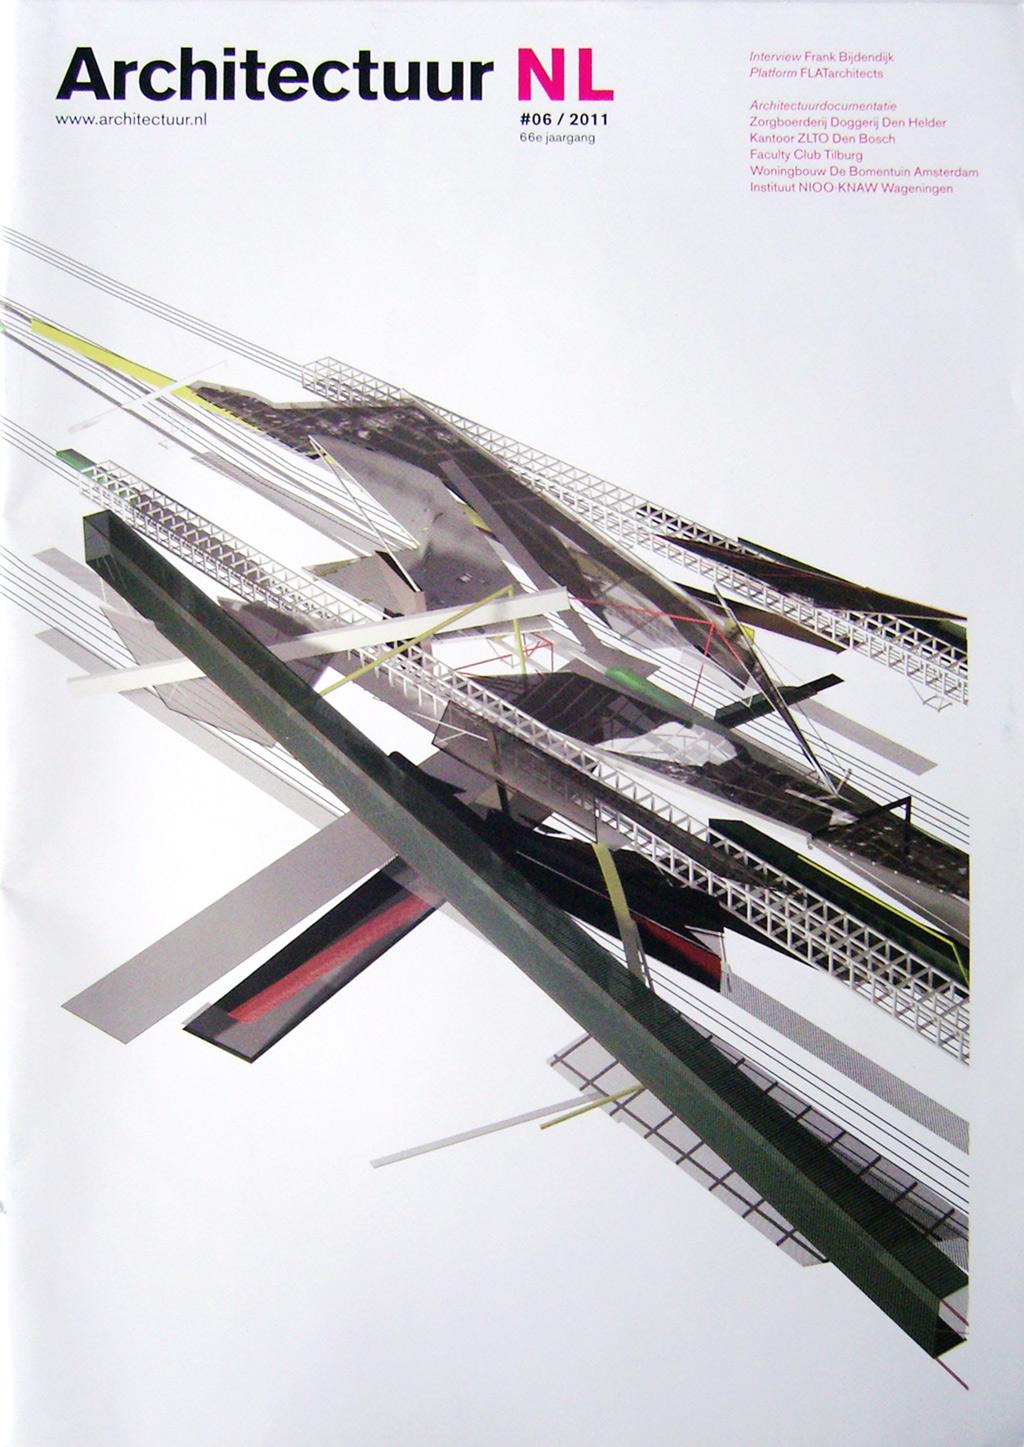 Architectuur NL 06, 2011